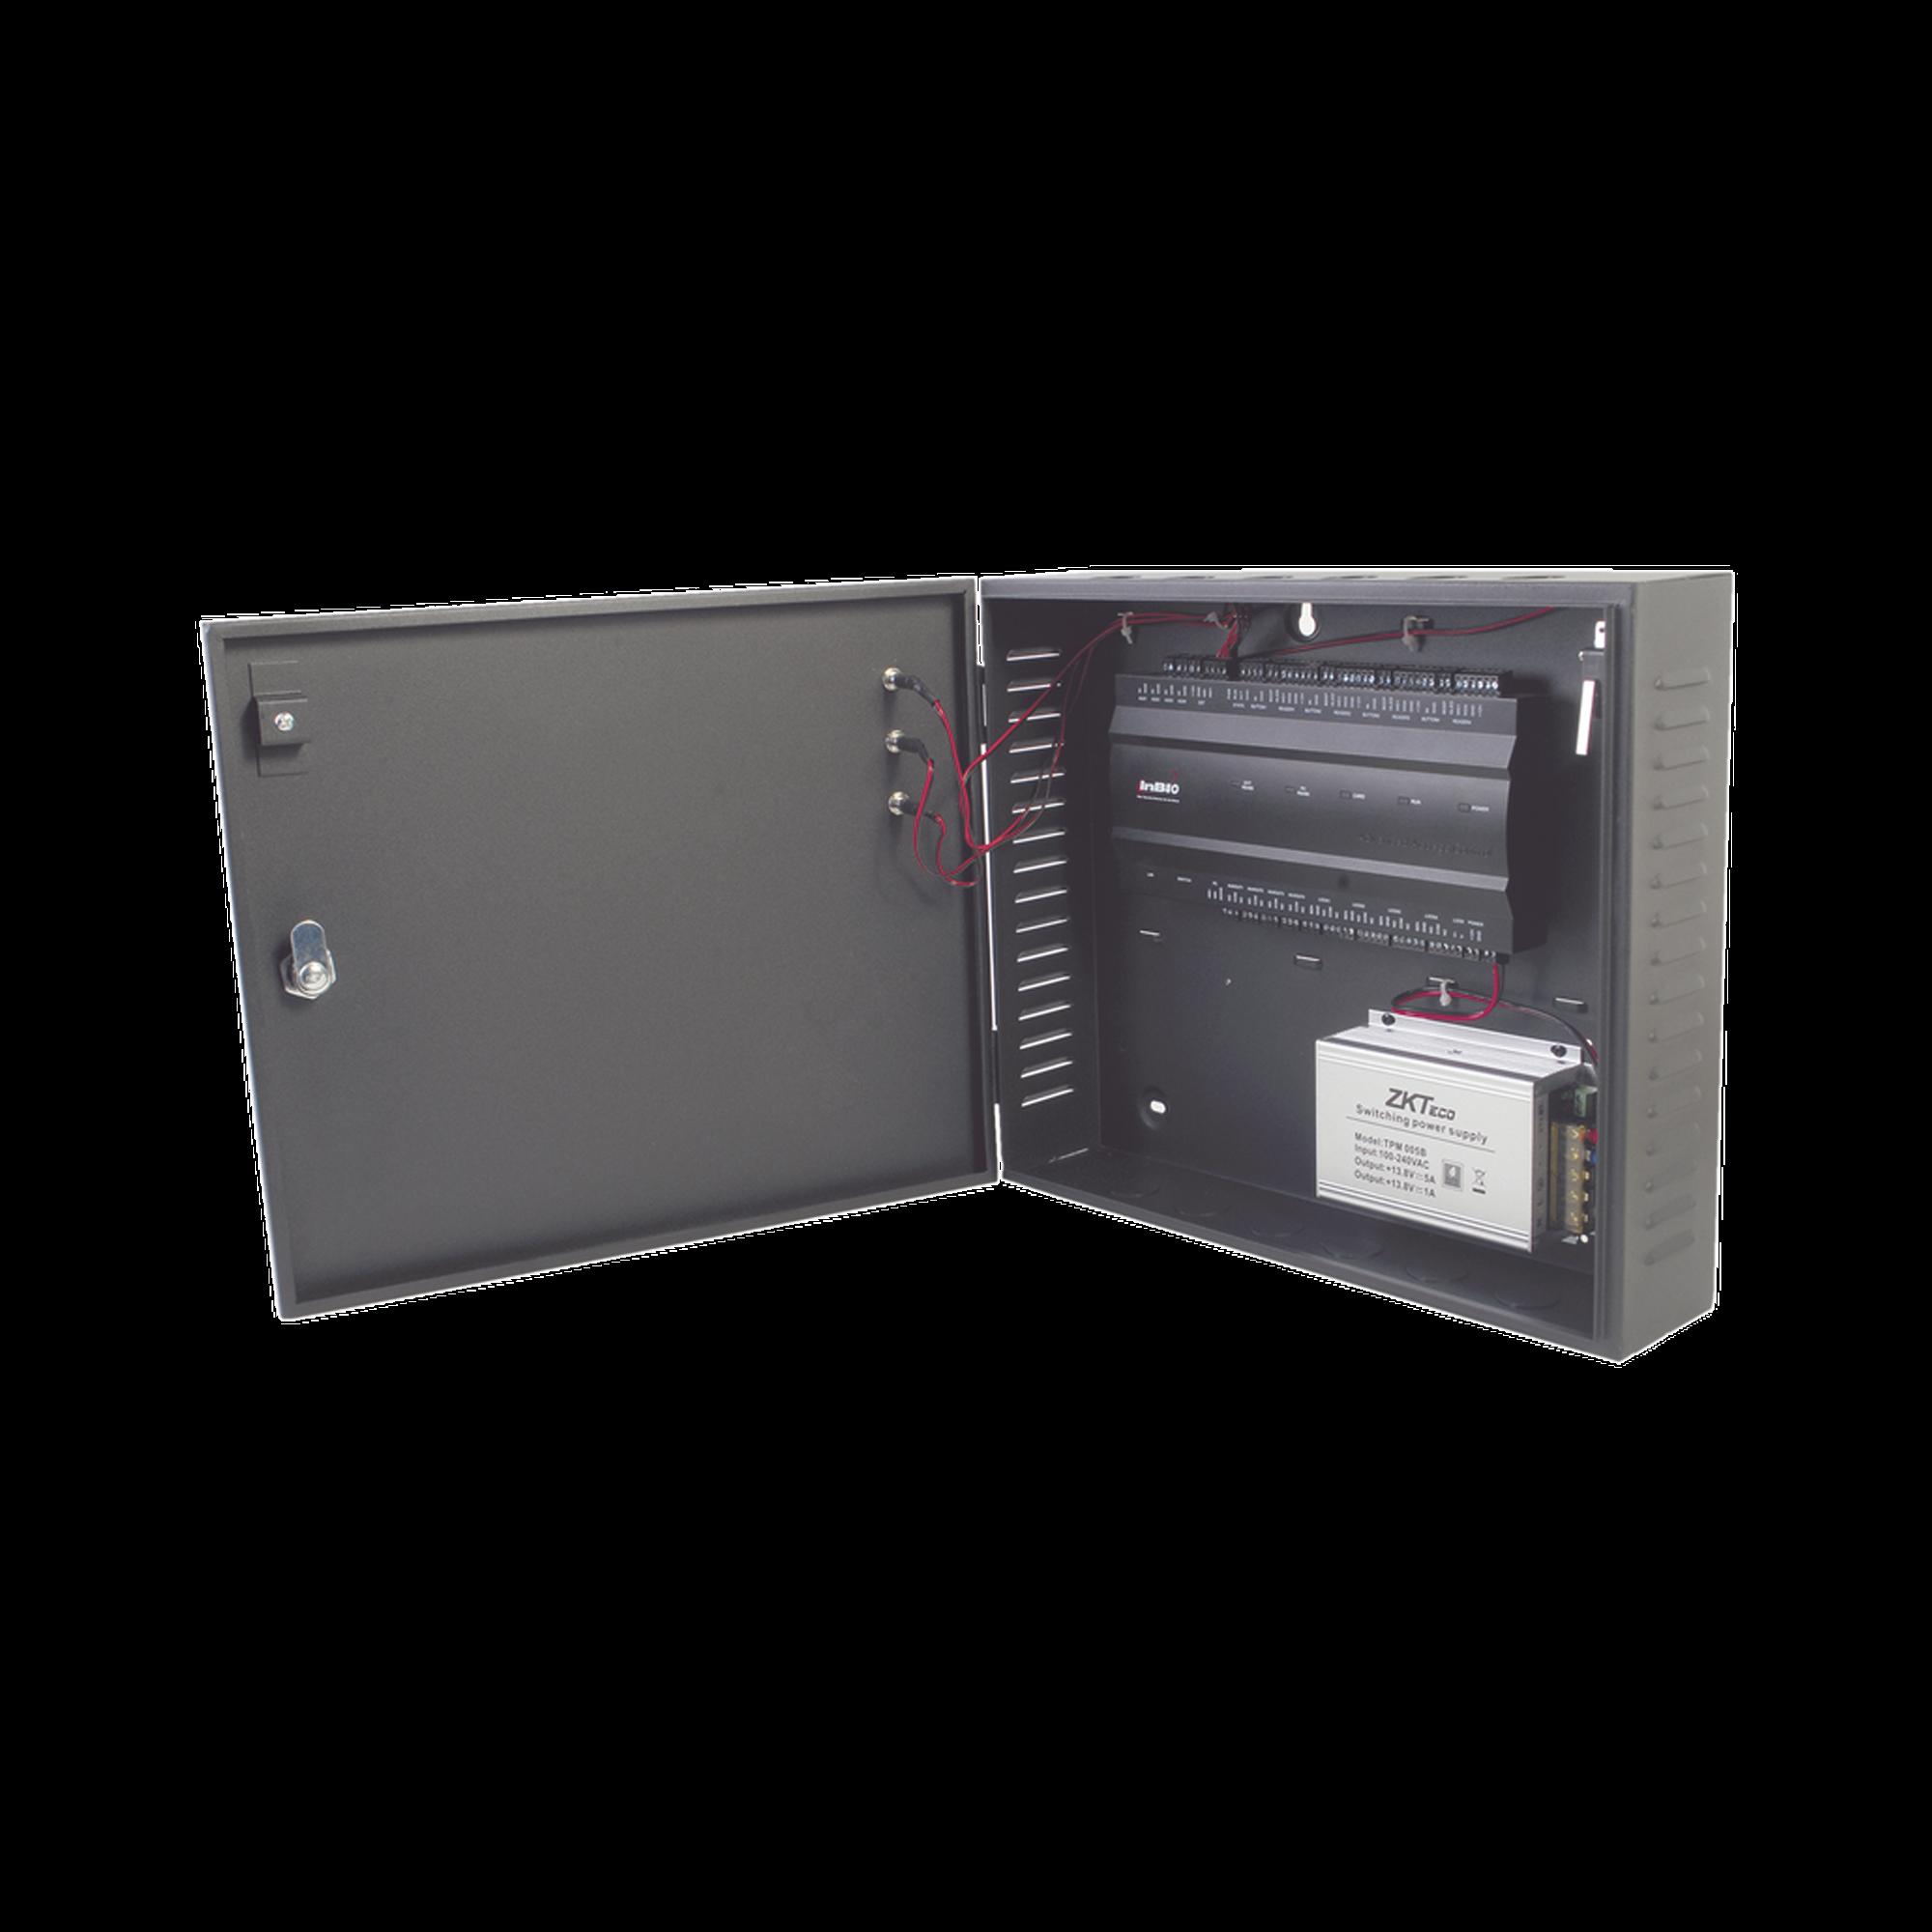 Controlador de acceso / 4 PUERTAS / Biometria Integrada / Hasta 3,000 Huellas / 30,000 Tarjetas / Incluye Gabinete y Fuente de Alimentacion 12VCD/5A